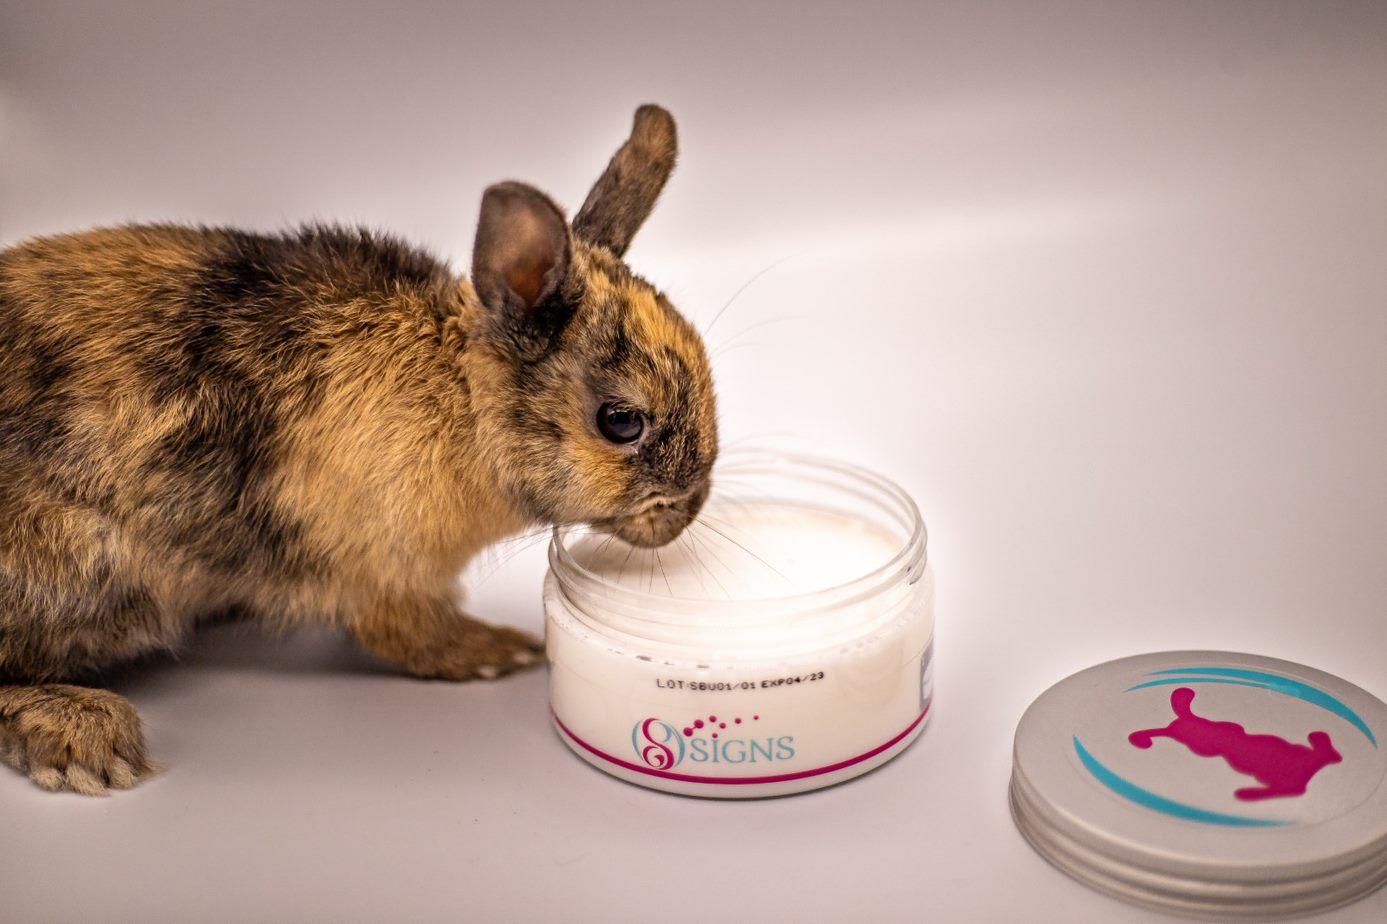 SecureBunny Signs lapin peureux stressé